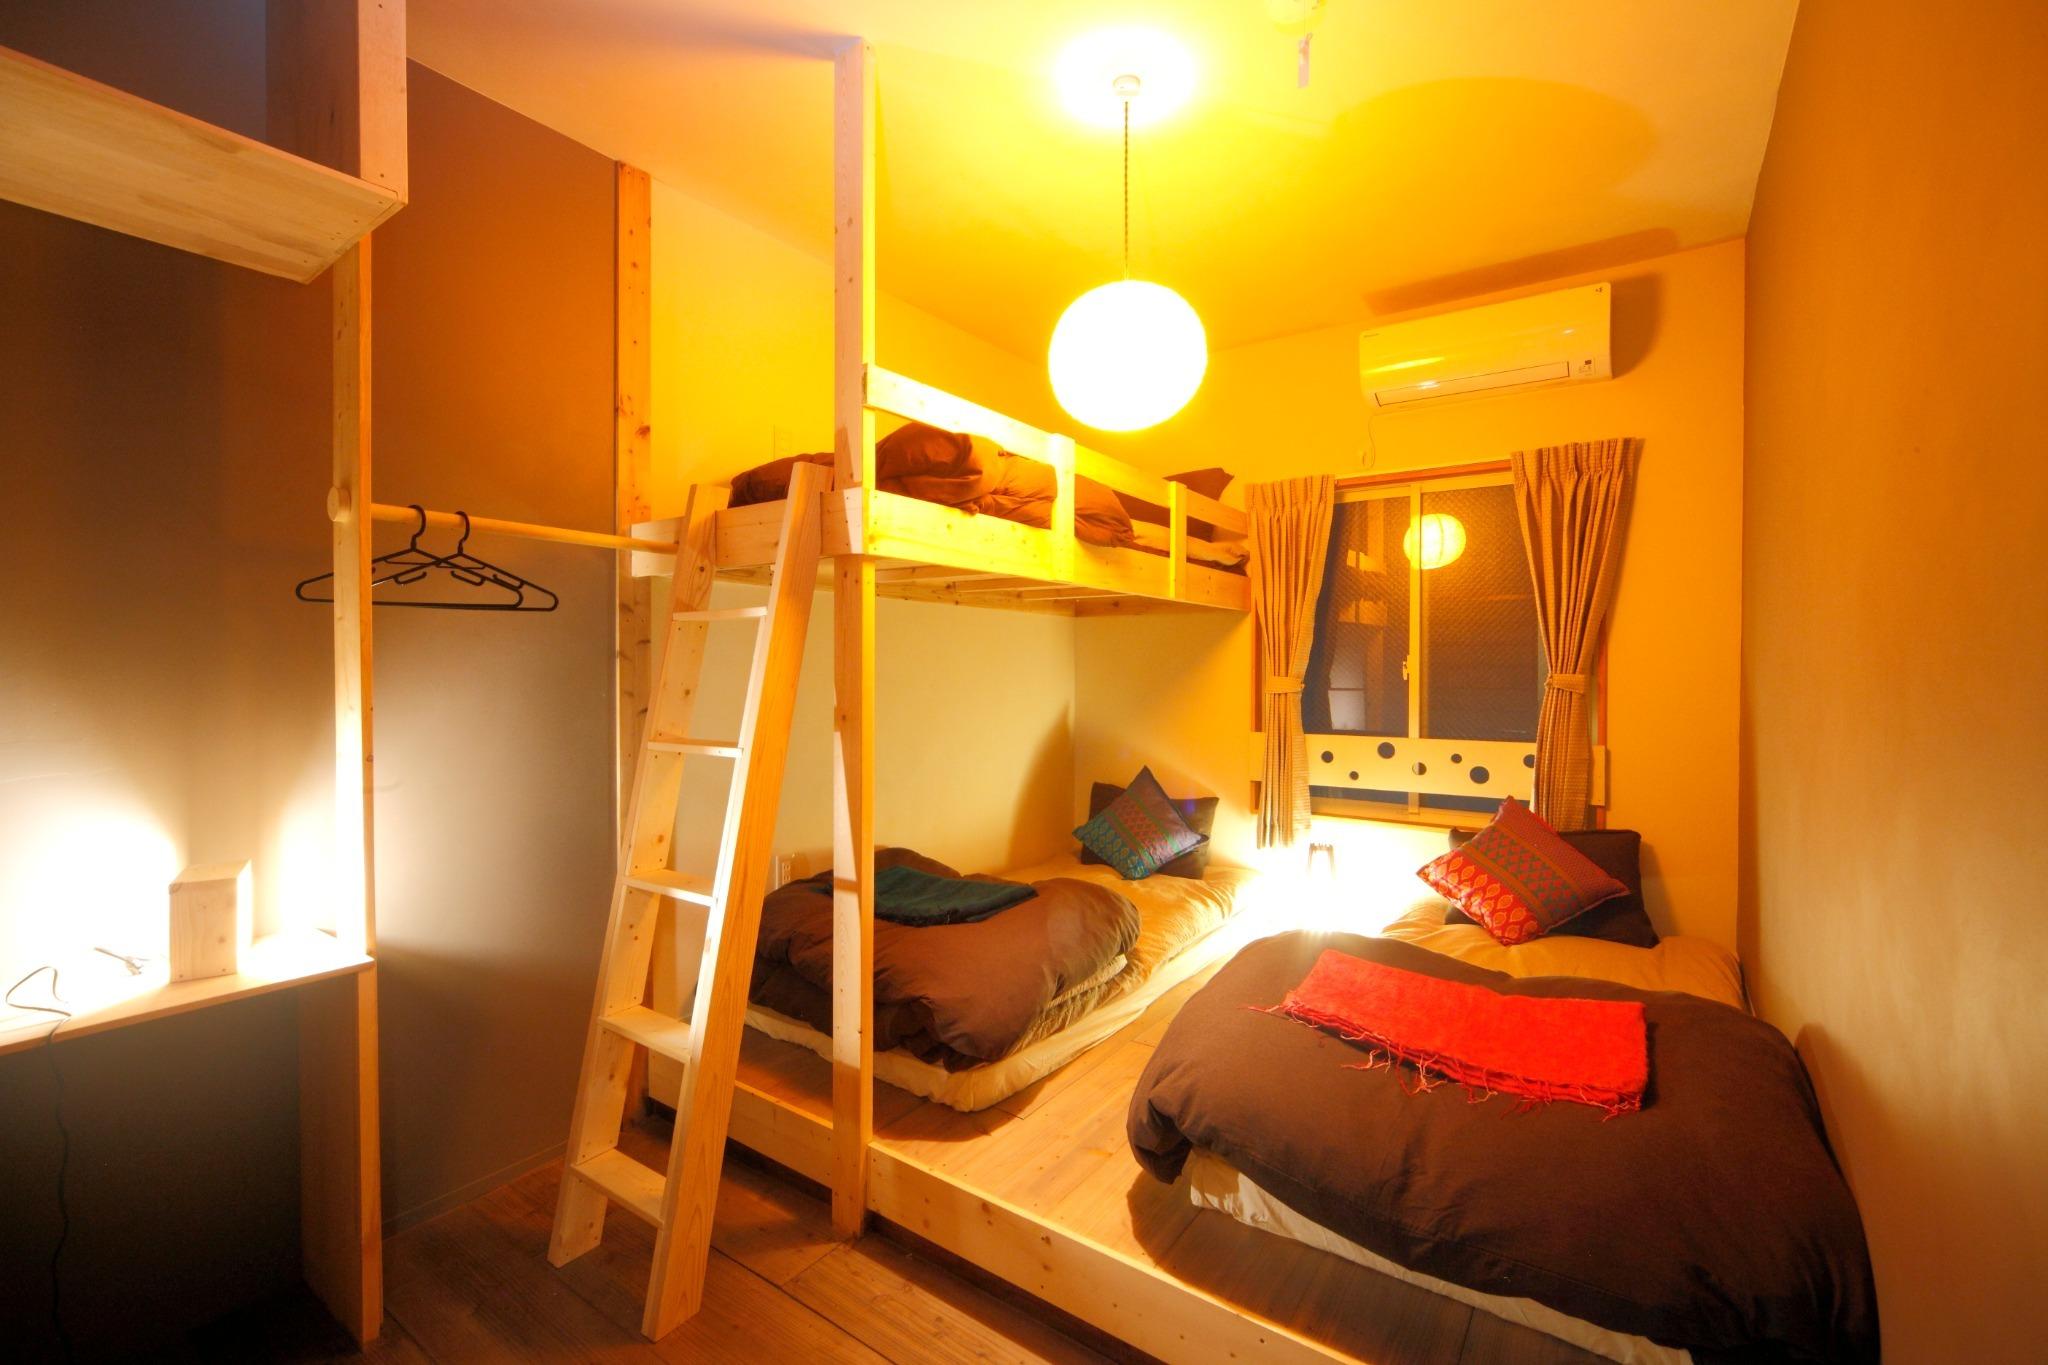 3人部屋 シングルベッドx2、ロフトベッドx1